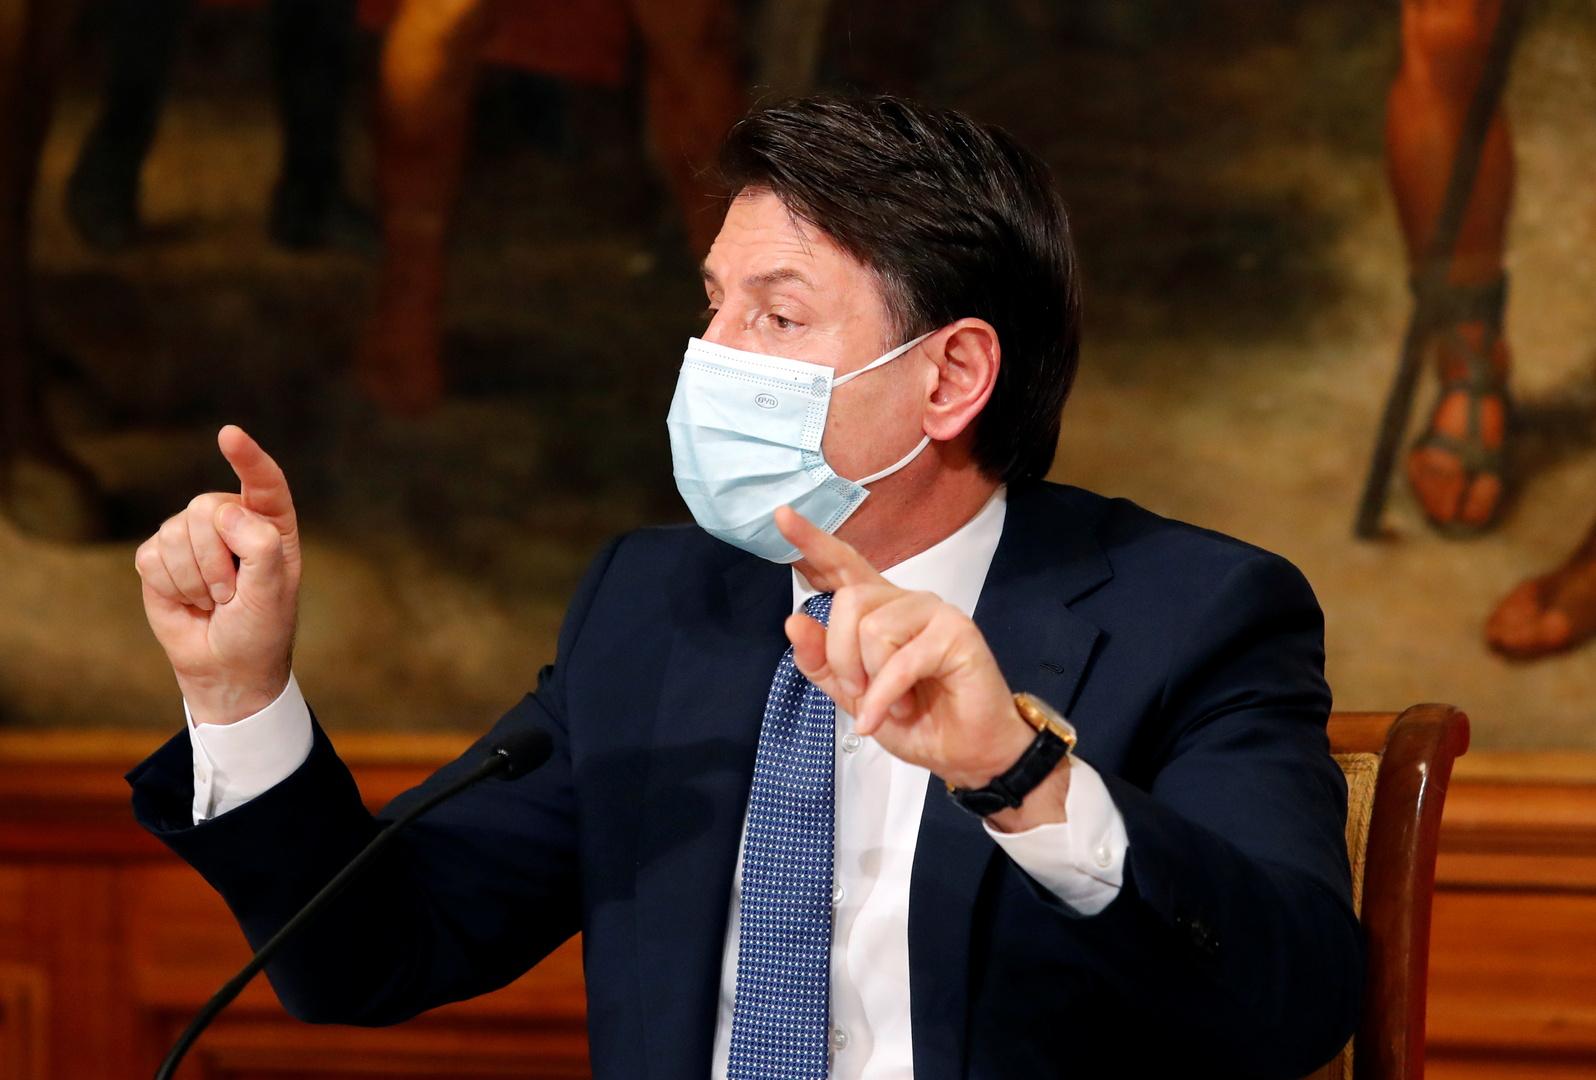 رئيس وزراء إيطاليا يحذر من زيادة قادمة في الإصابات بكورونا